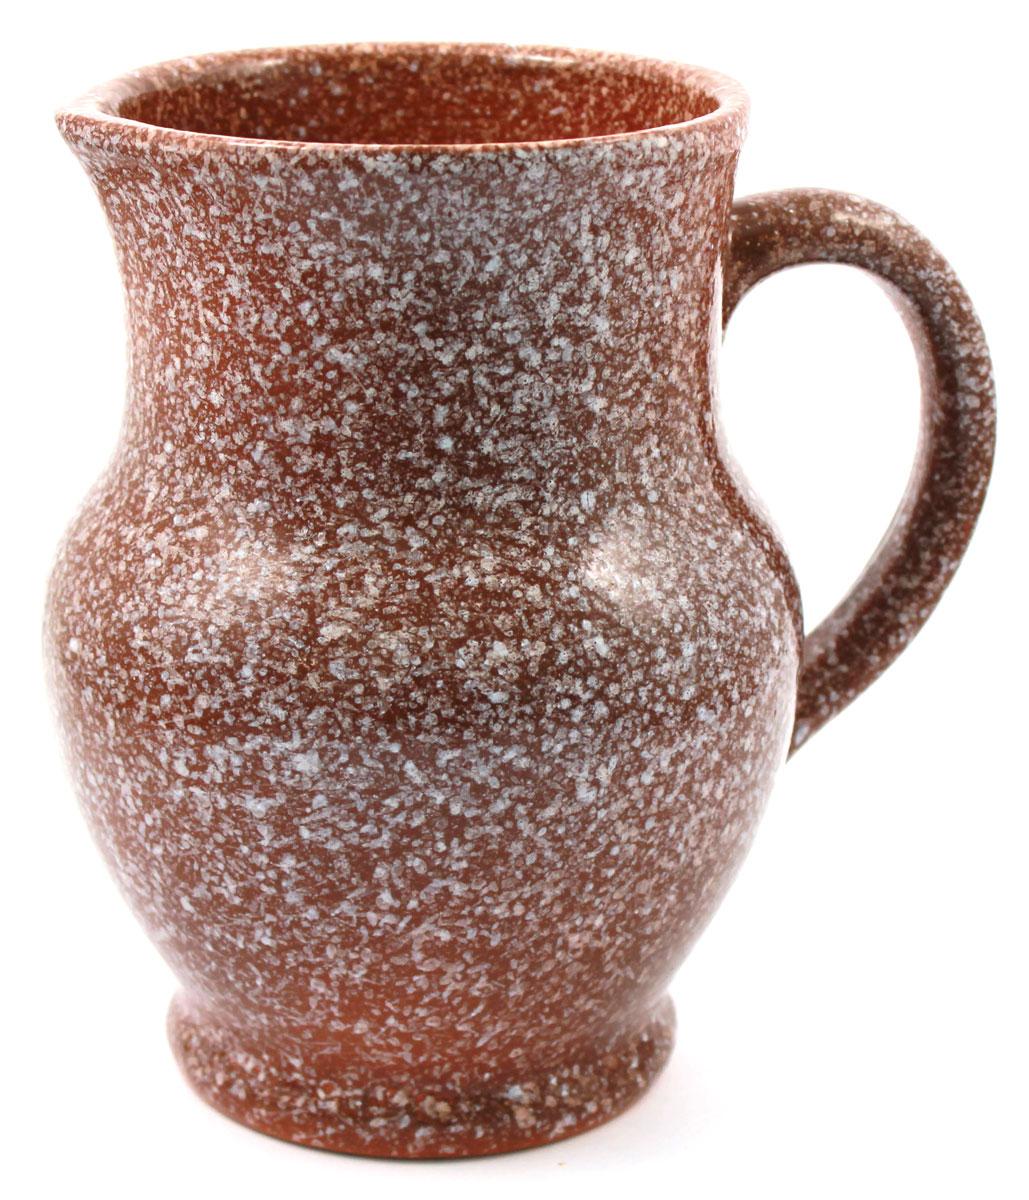 Кувшин Ломоносовская керамика Мрамор, 1,3 л1К3мк-1Кувшин Ломоносовская керамика изготовлен из высококачественной глины и оснащен удобной ручкой. Прекрасно подходит для подачи воды, сока, компота и других напитков. Изящный кувшин красиво оформит стол и порадует вас элегантным дизайном и простотой ухода. Диаметр: 16 см. Высота: 17,5 см.